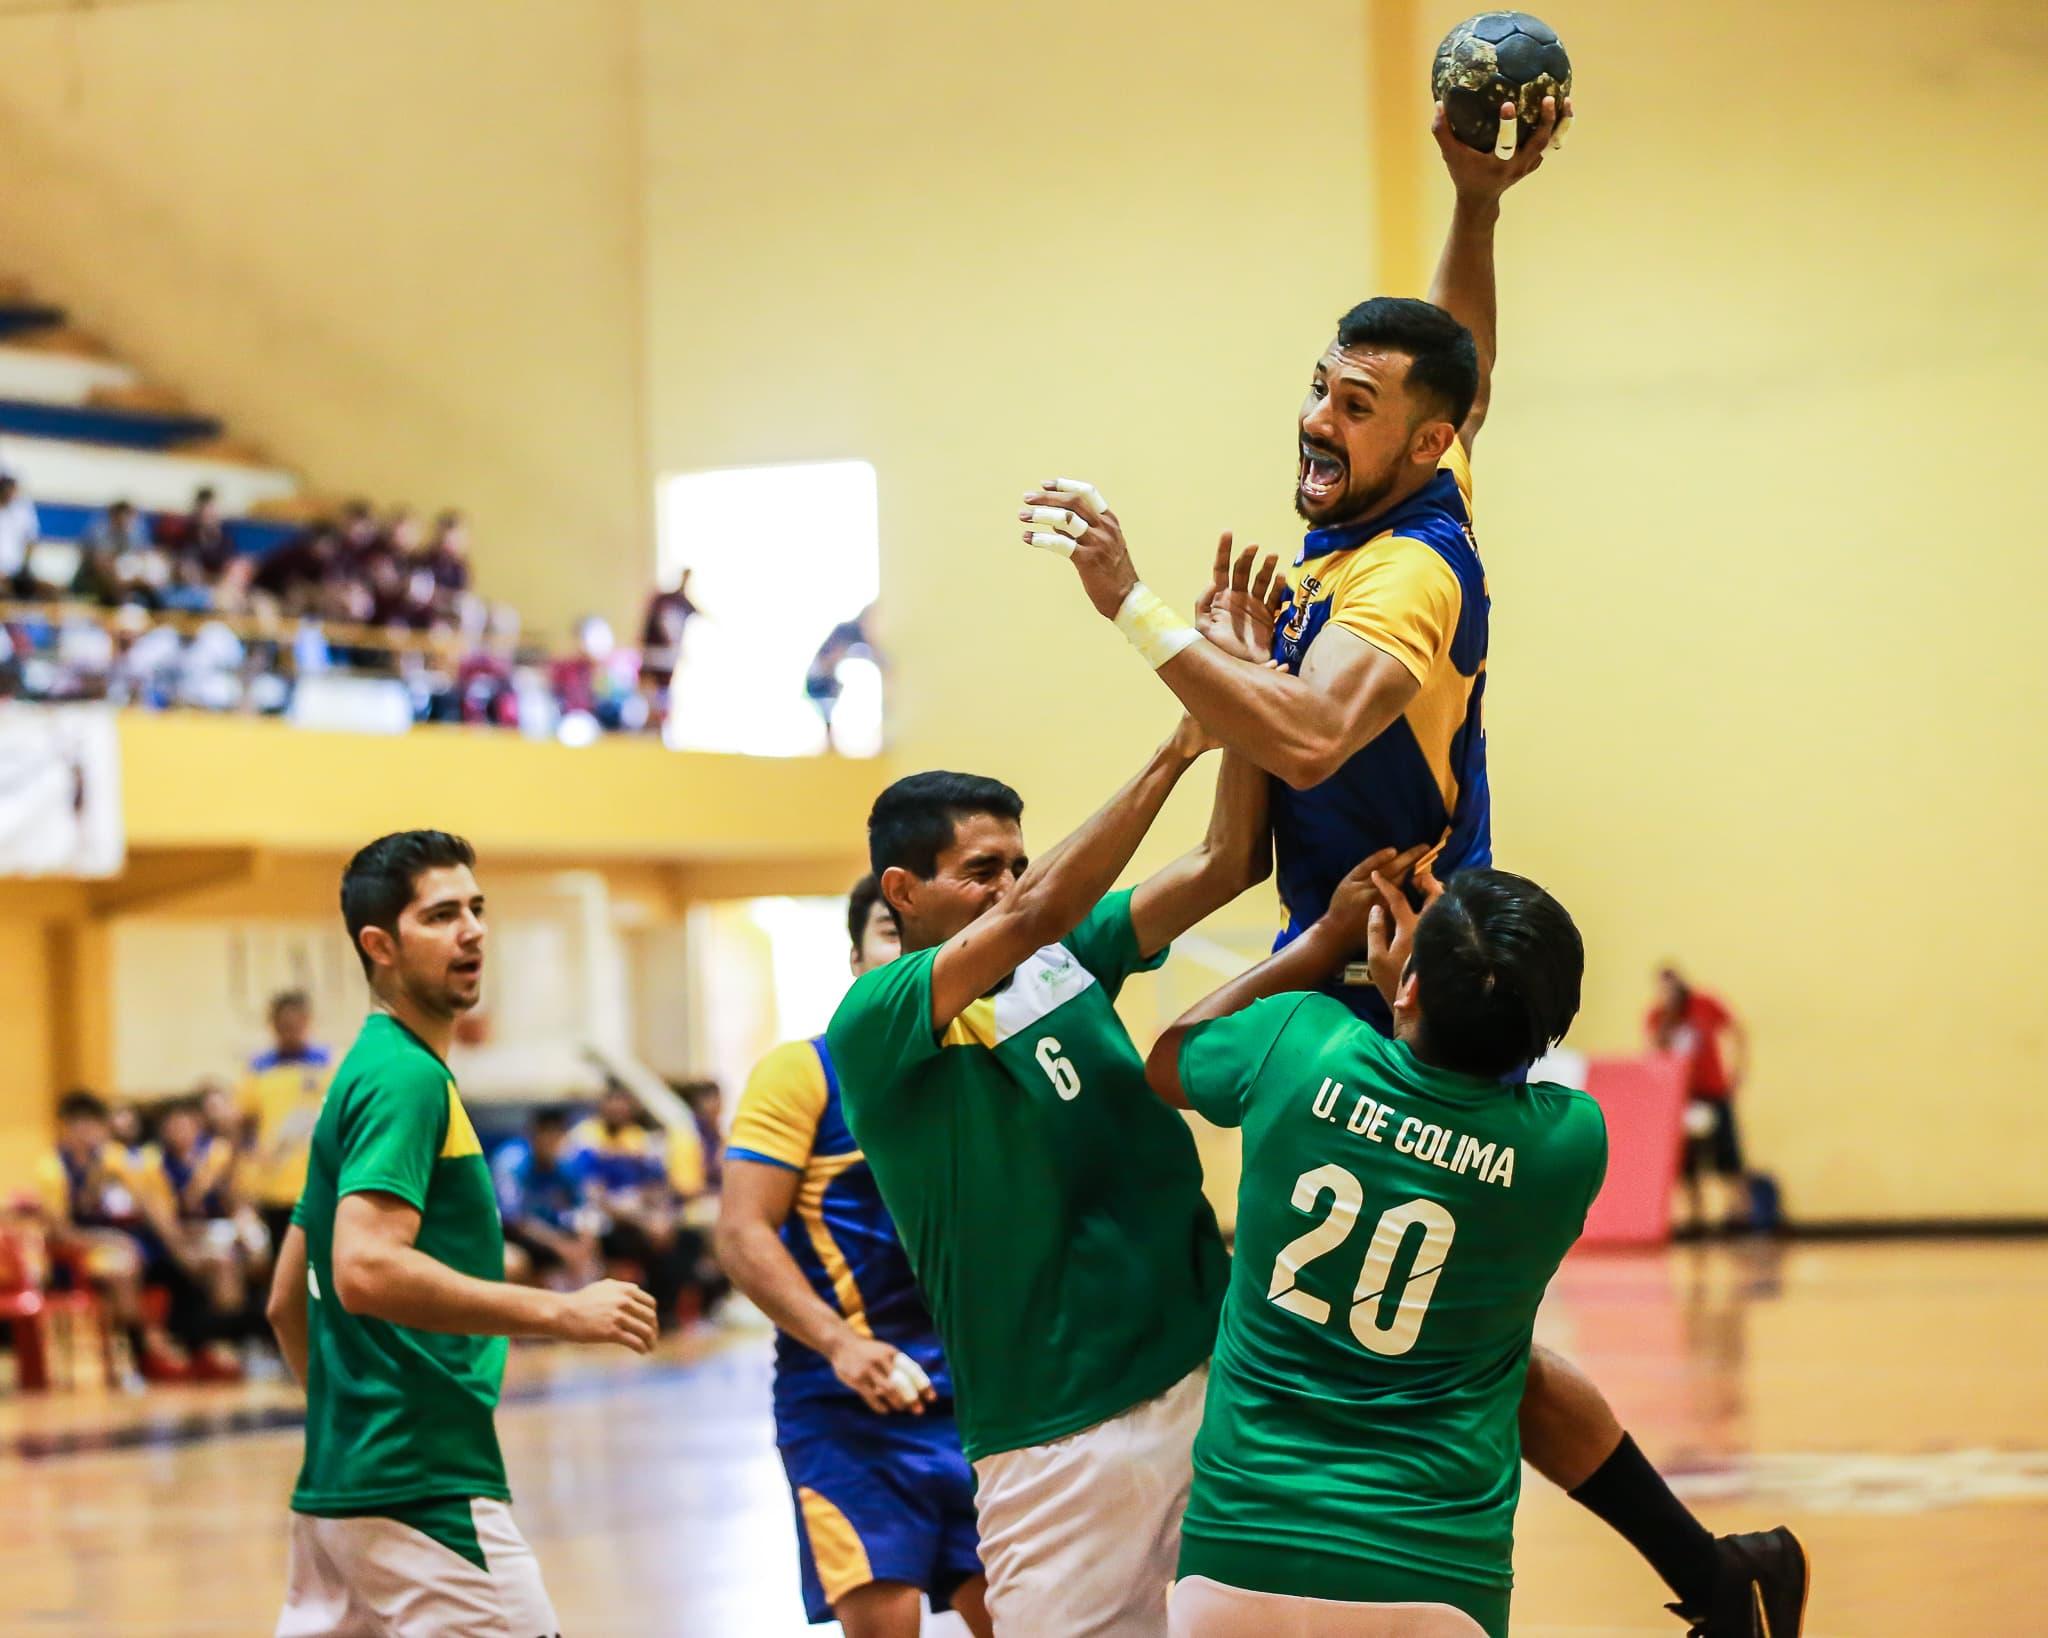 Tigres handball varonil venció al Universidad de Colima